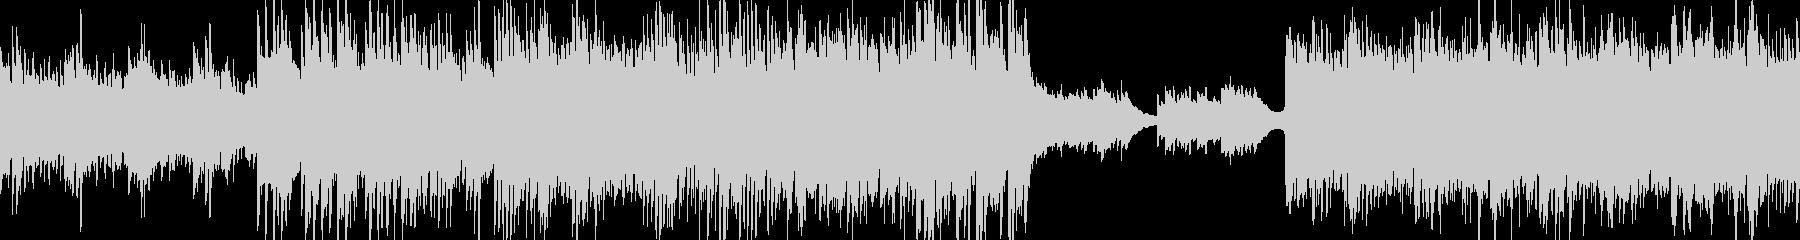 クラシック交響曲 前衛交響曲 ポジ...の未再生の波形